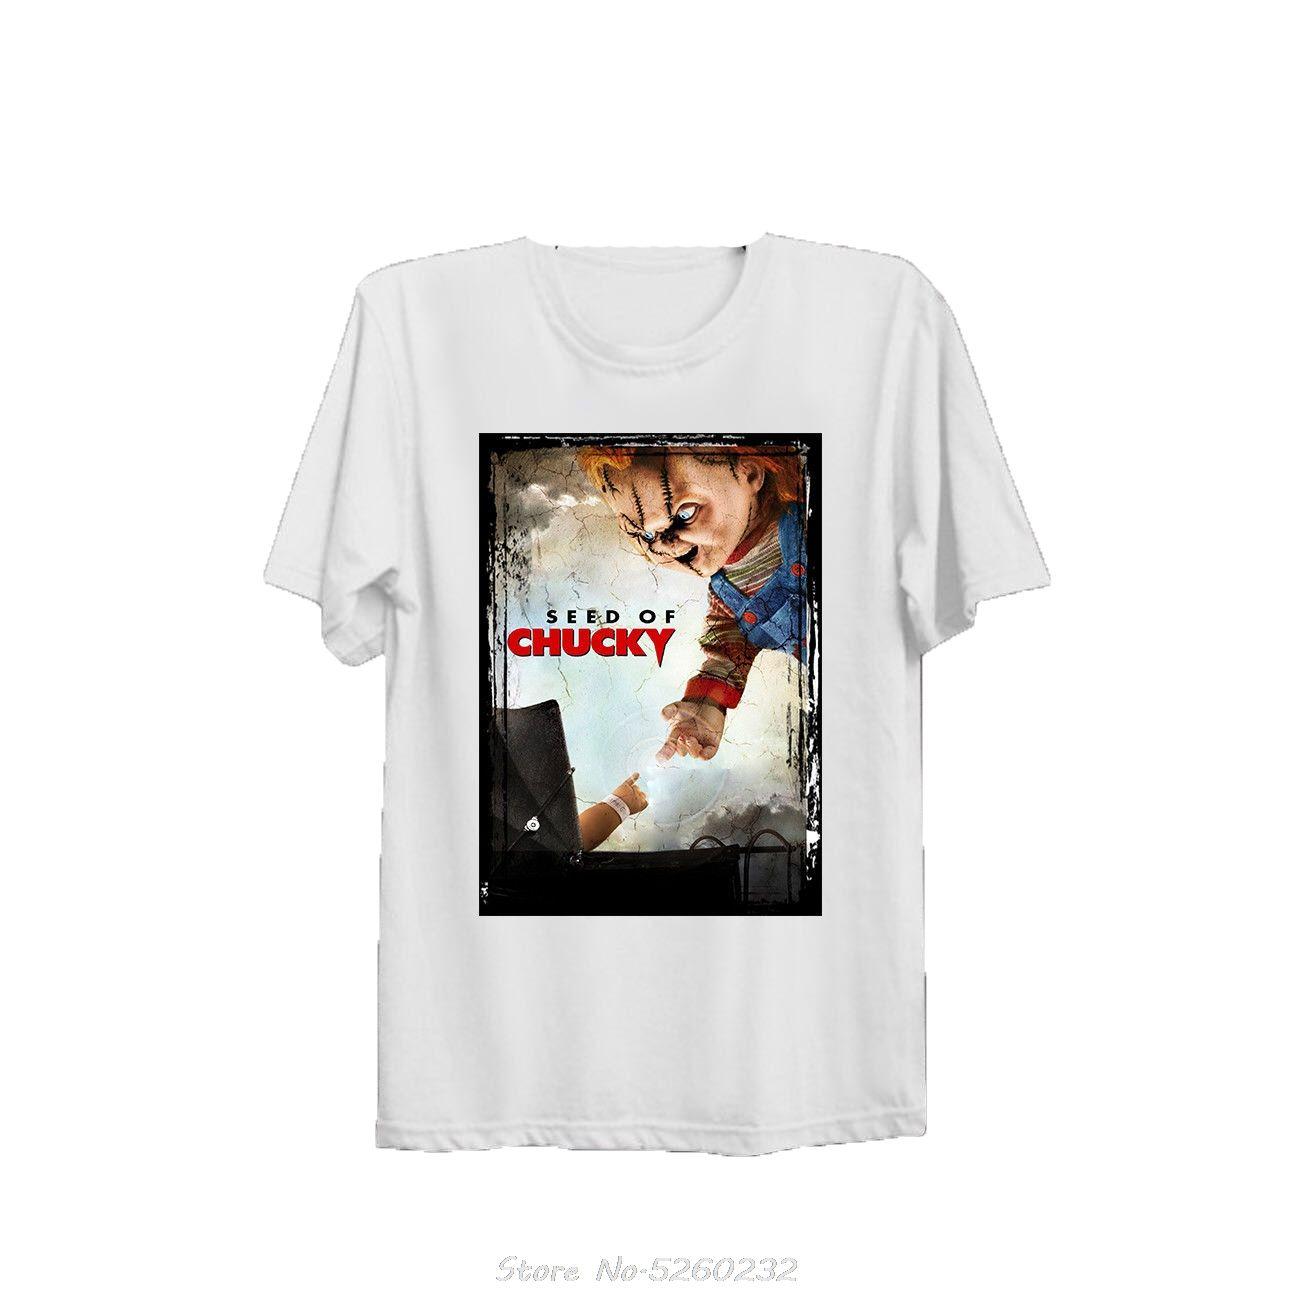 Le Fils de Chucky Affiche du film T-shirt unisexe cool B419 mode O-Neck Top qualité Coton Casual Hommes T-shirts hommes Livraison gratuite